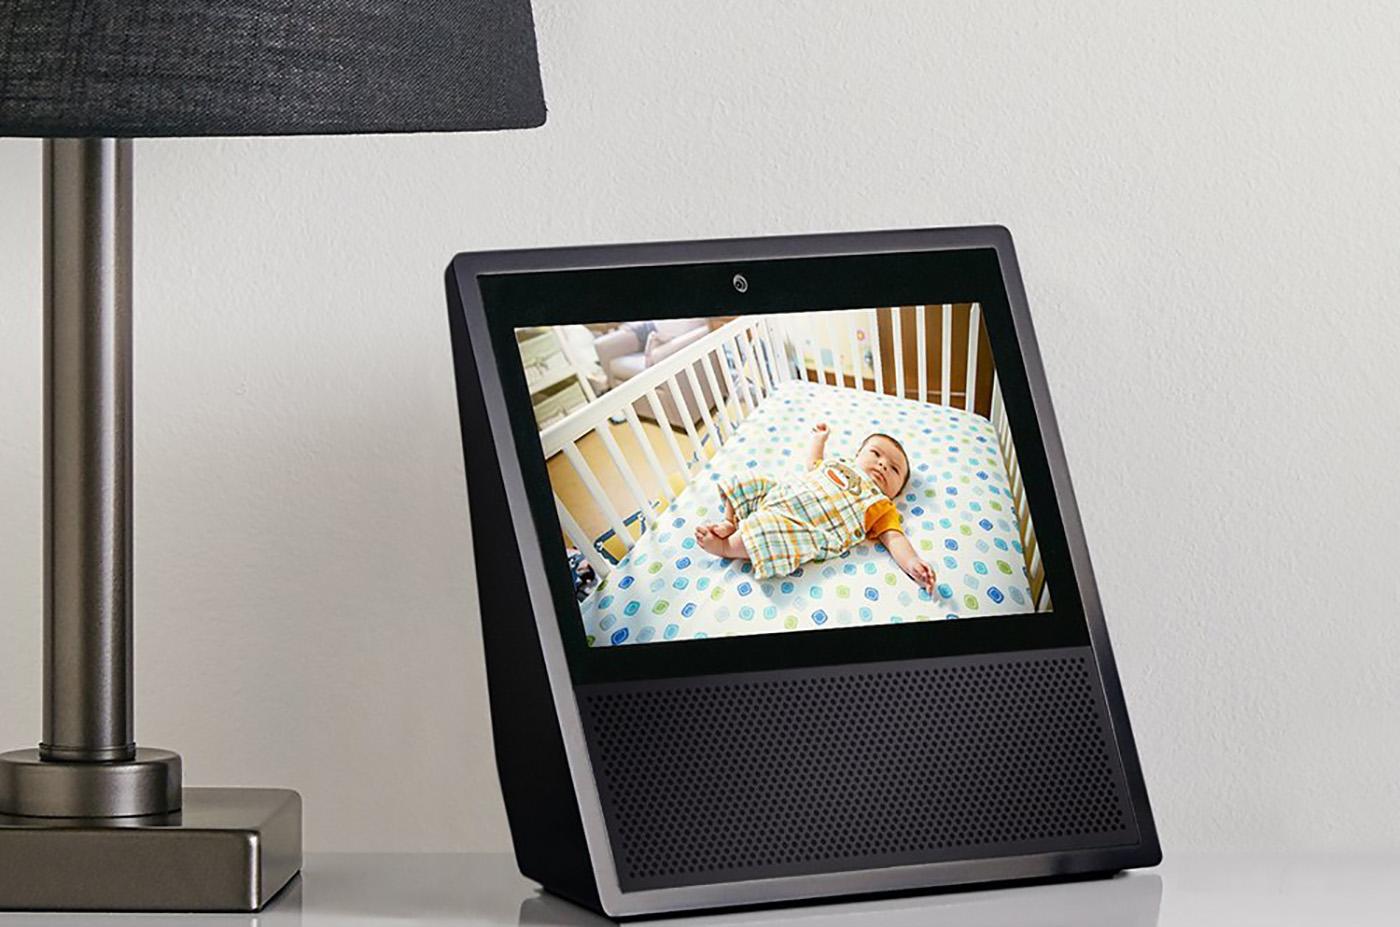 速報:アマゾンEcho Show発表。画面がついて本気を出したAlexa会話操作コンピュータ , Engadget 日本版